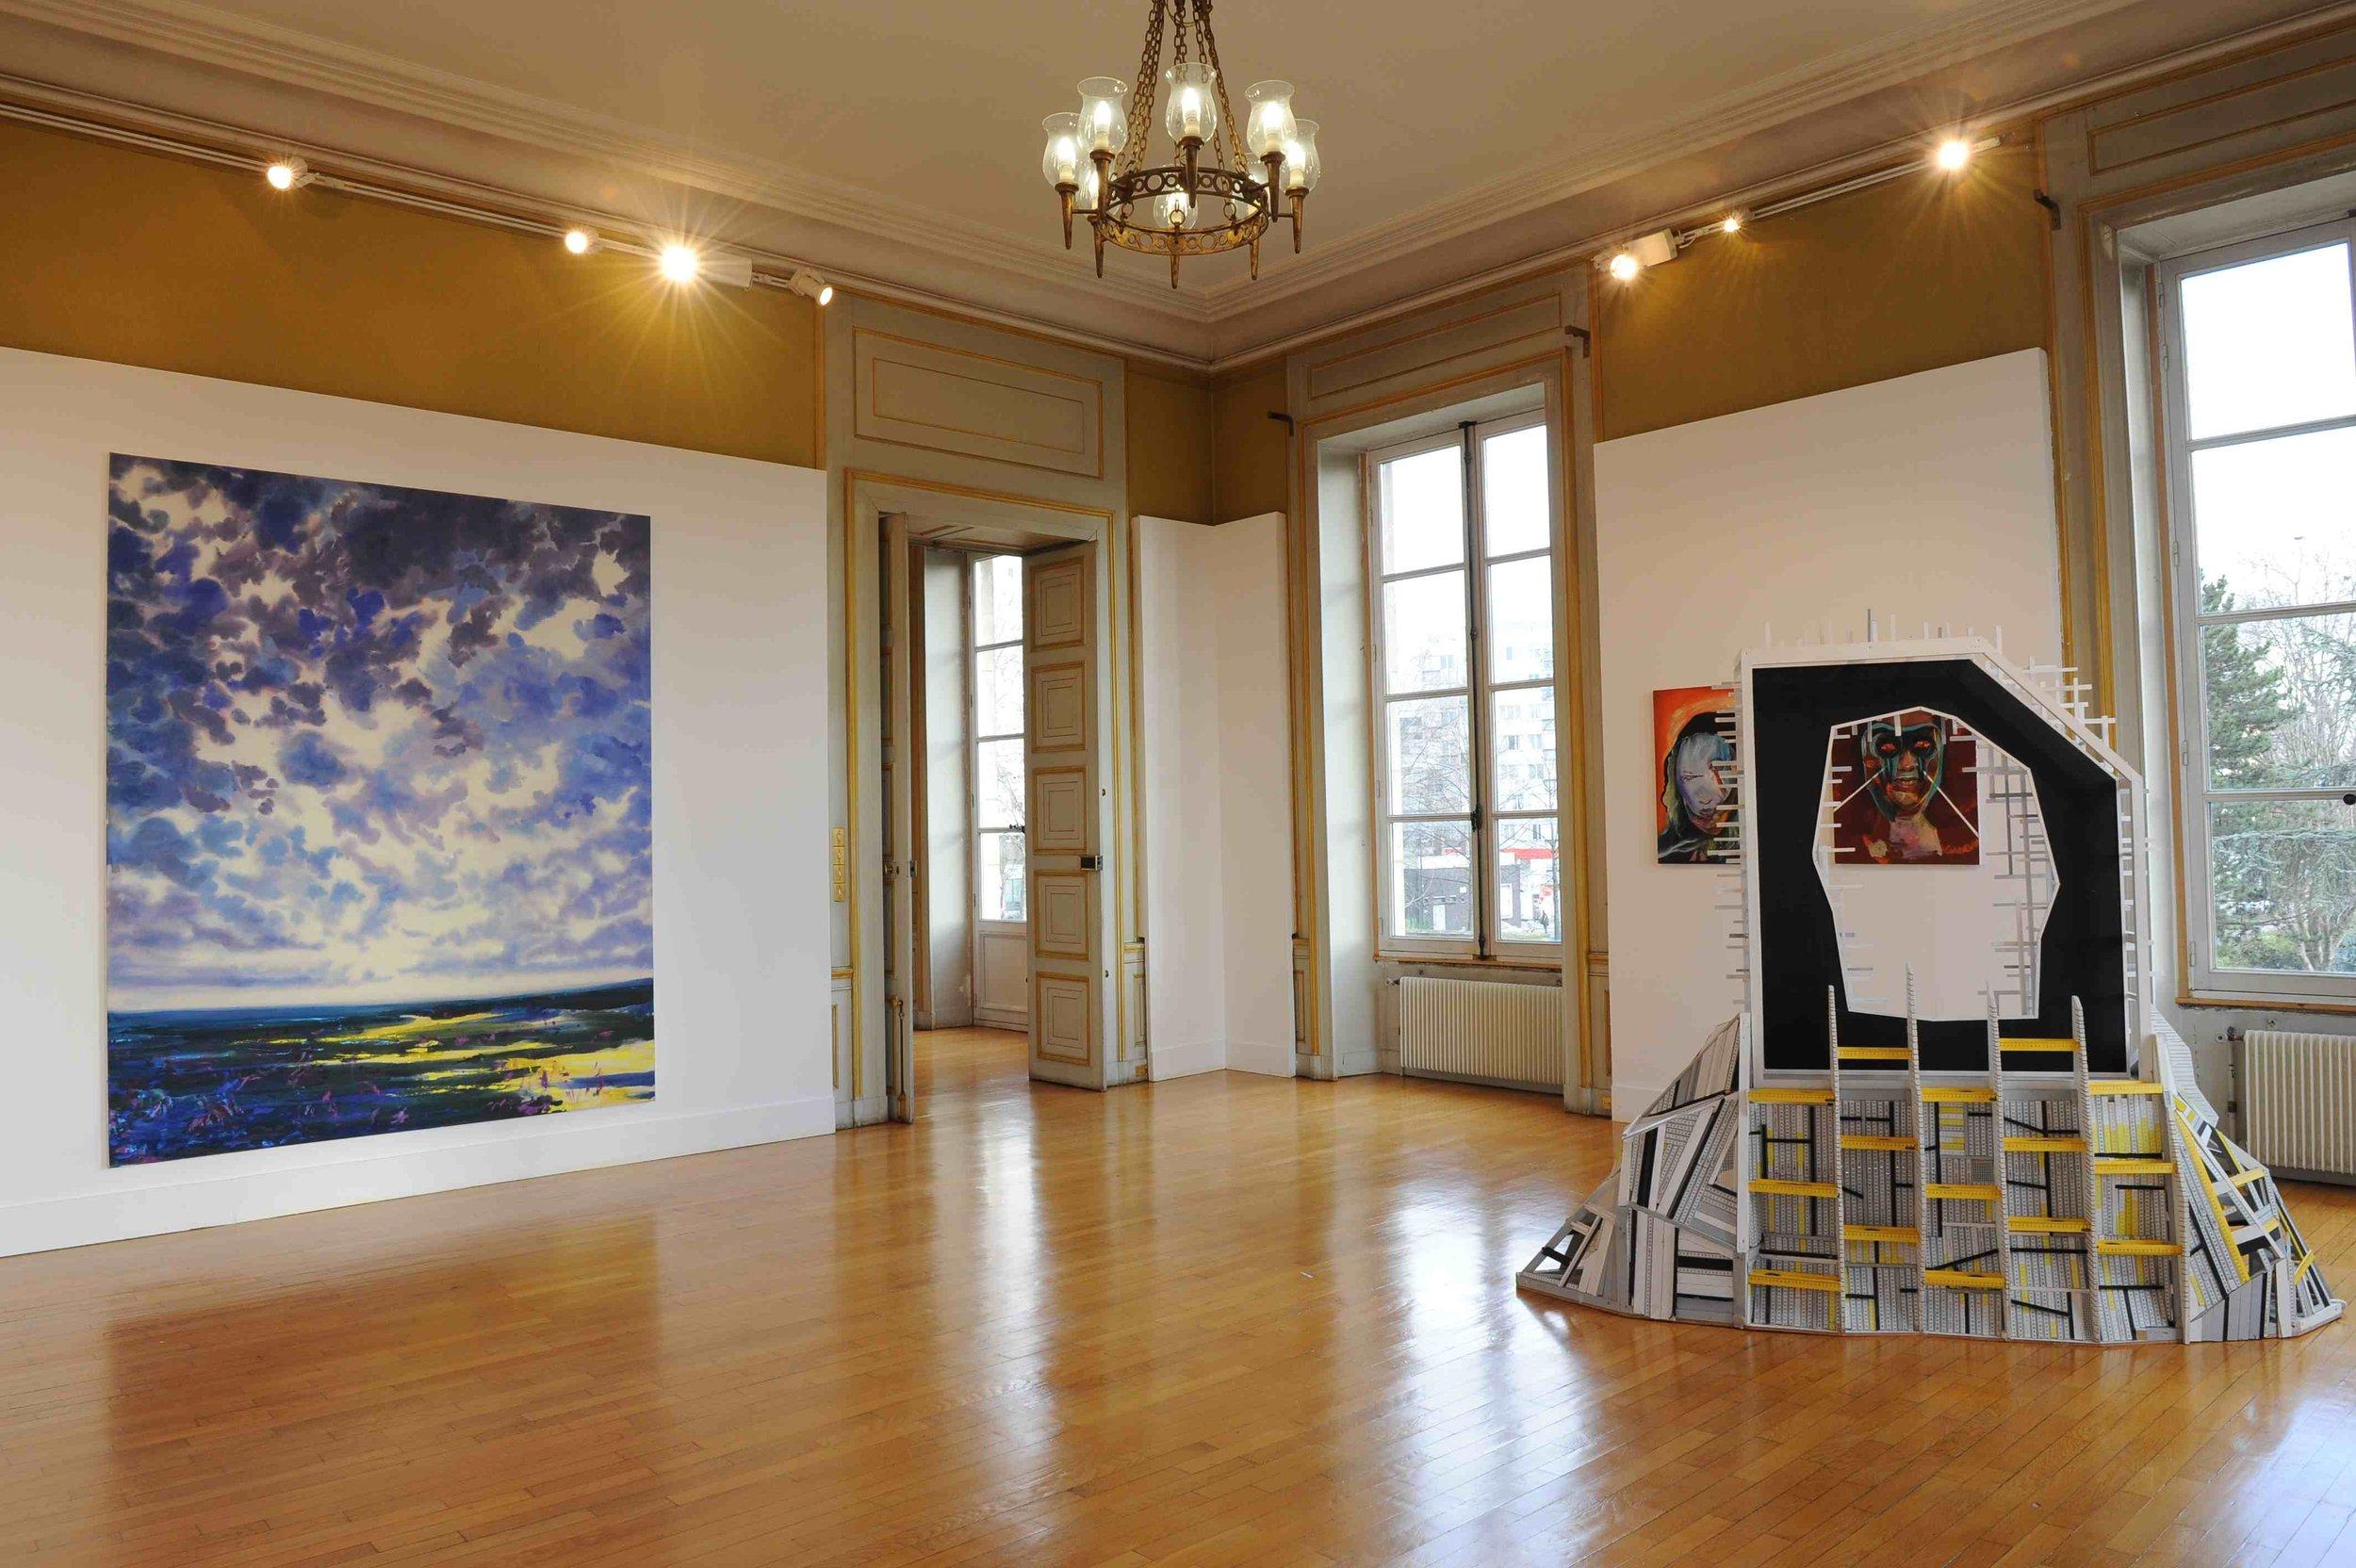 Des paysages, des Figures, Château de St Ouen, 2011.Curator Olivier Masmonteil.Artists in view :Olivier Masmonteil, Clement Bagot, Axel Pahlavi